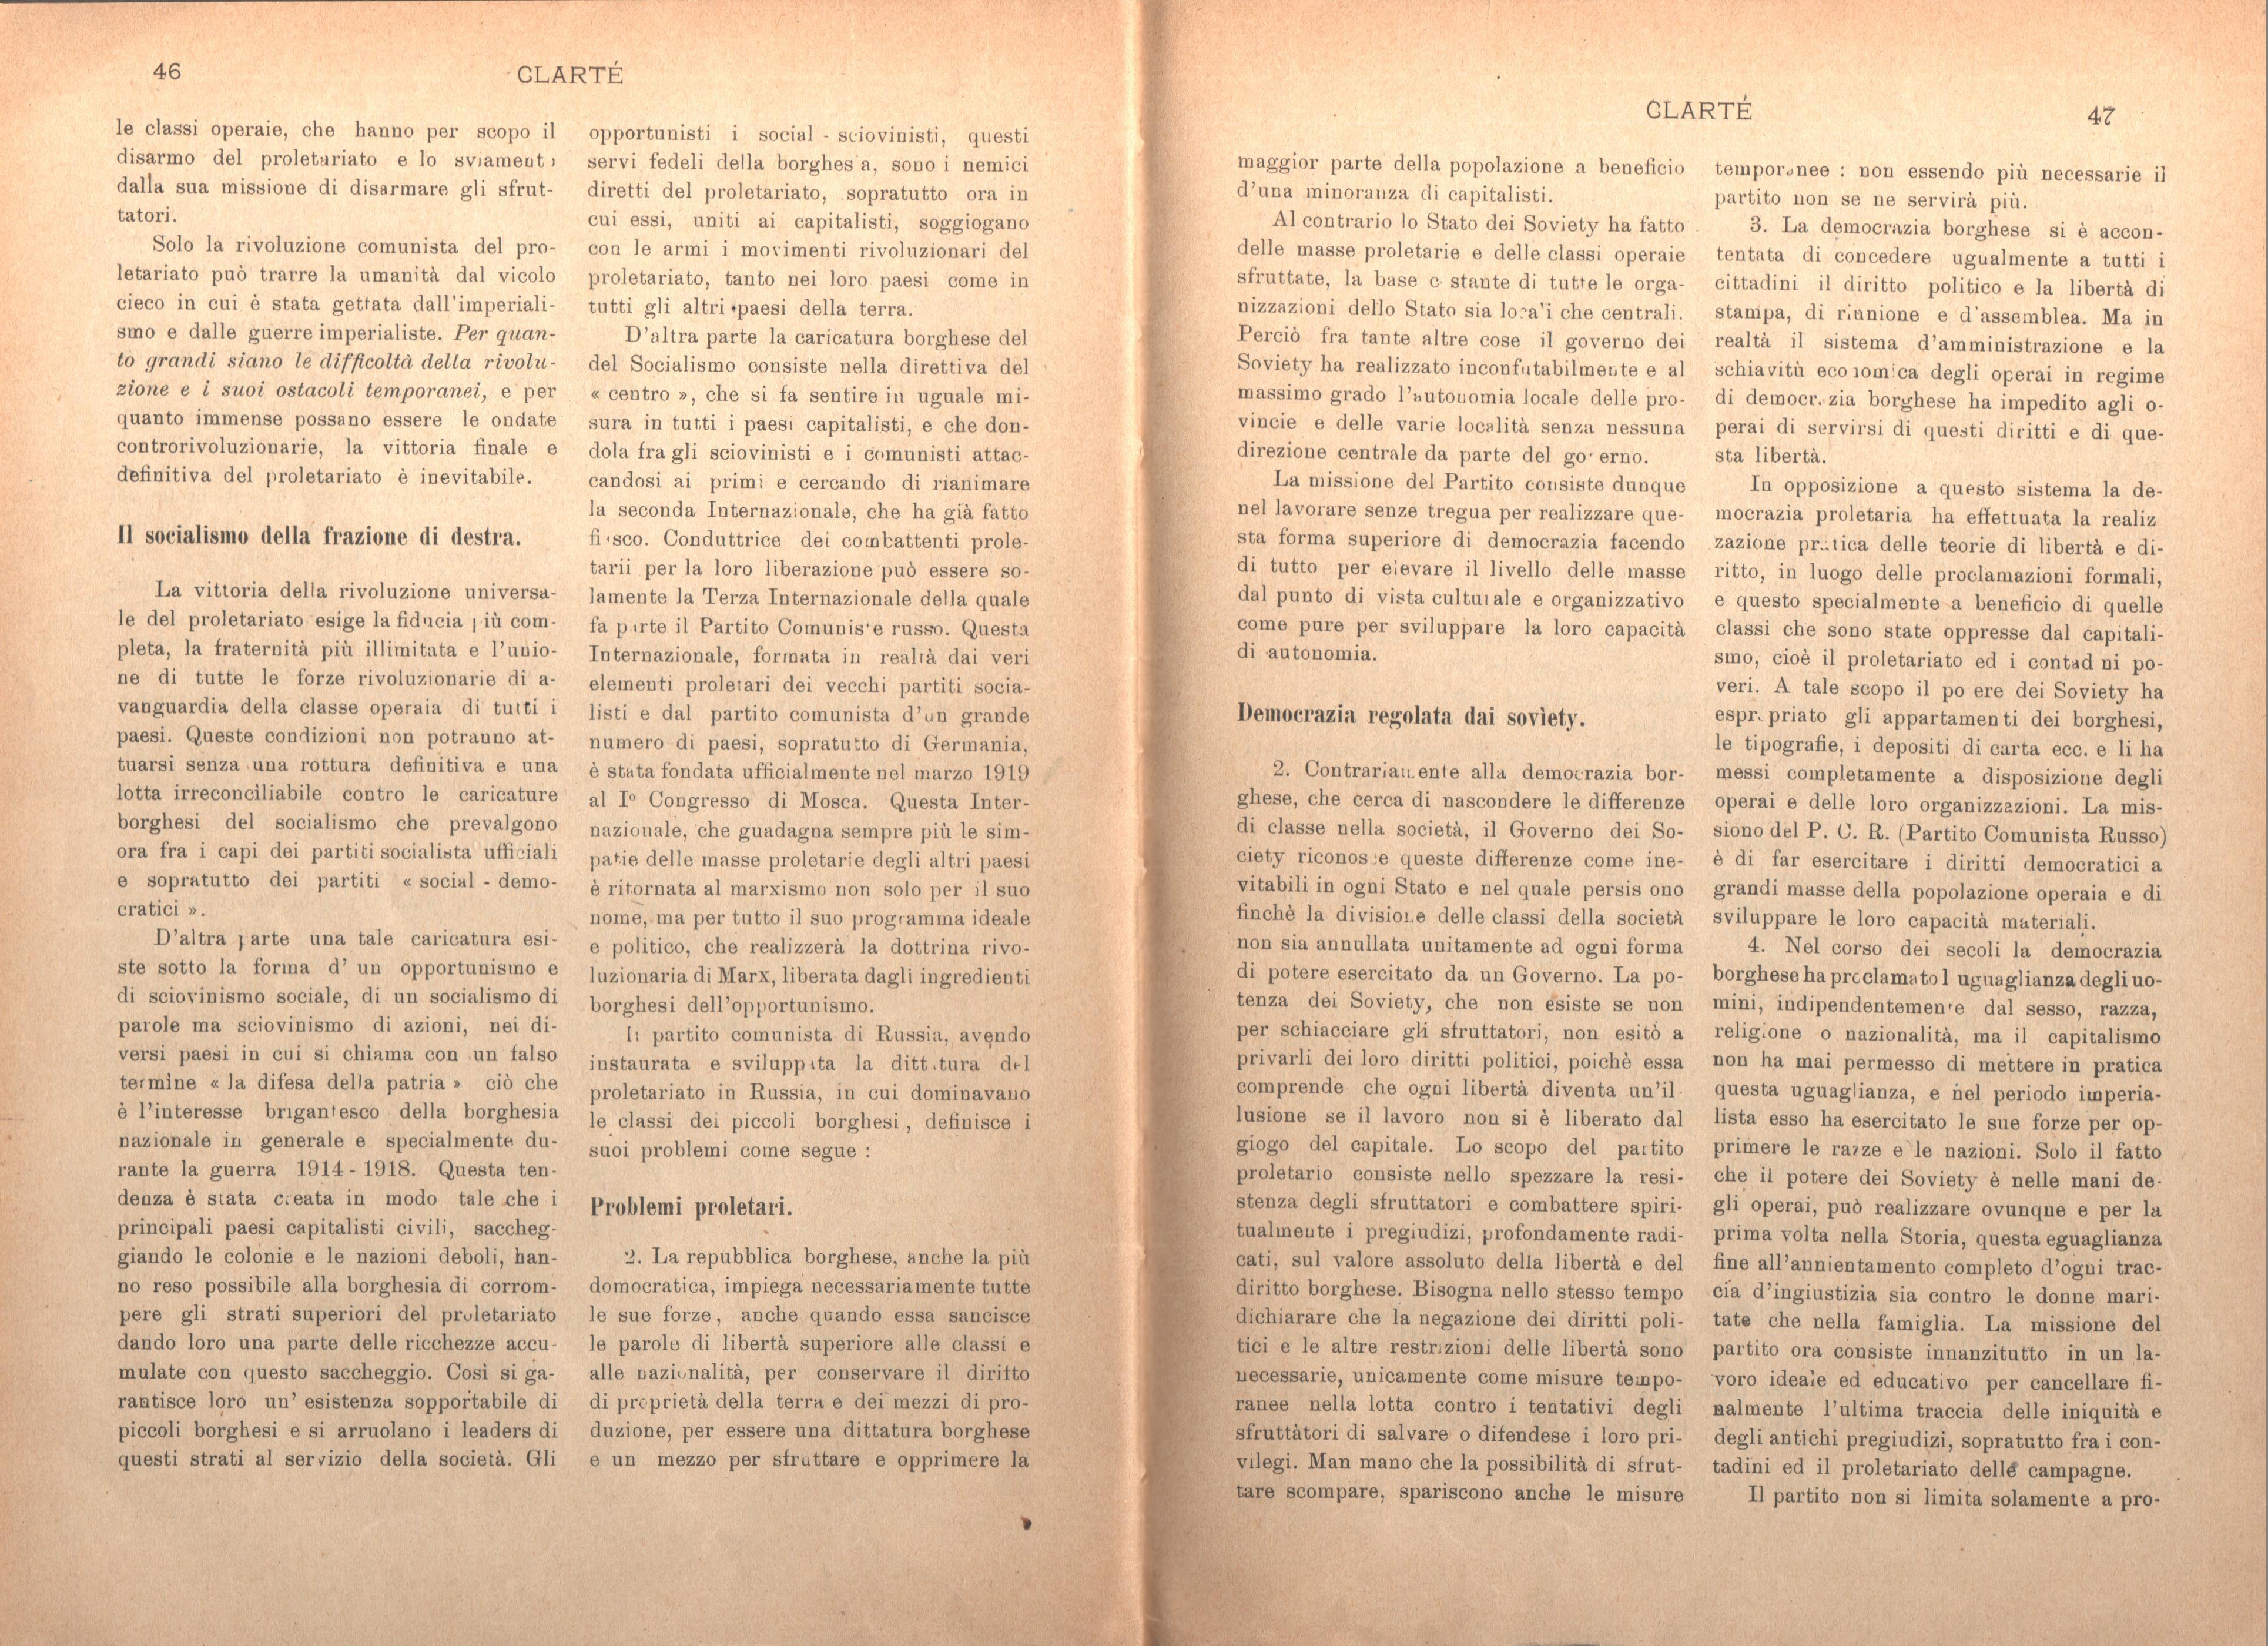 Clarté. Rivista mensile degli studenti comunisti (a. I, n. 2, Palermo, 15 giugno 1920) - pag. 13